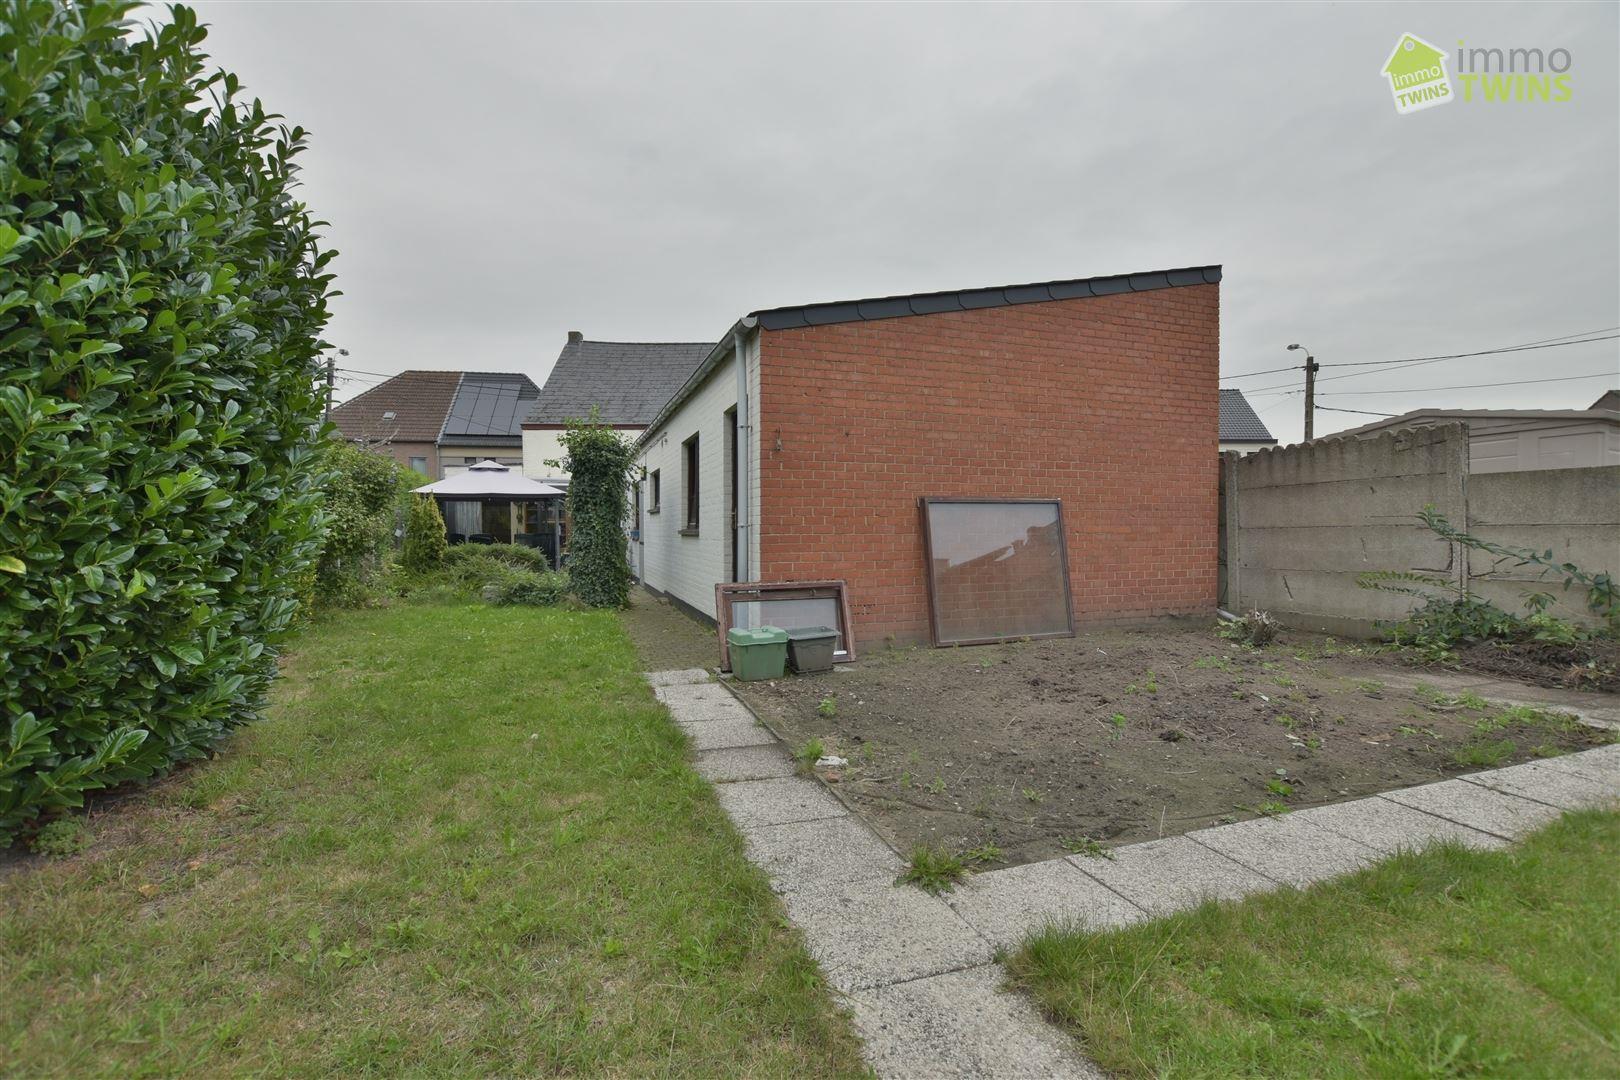 Foto 21 : Woning te 9200 SINT-GILLIS-DENDERMONDE (België) - Prijs € 225.000